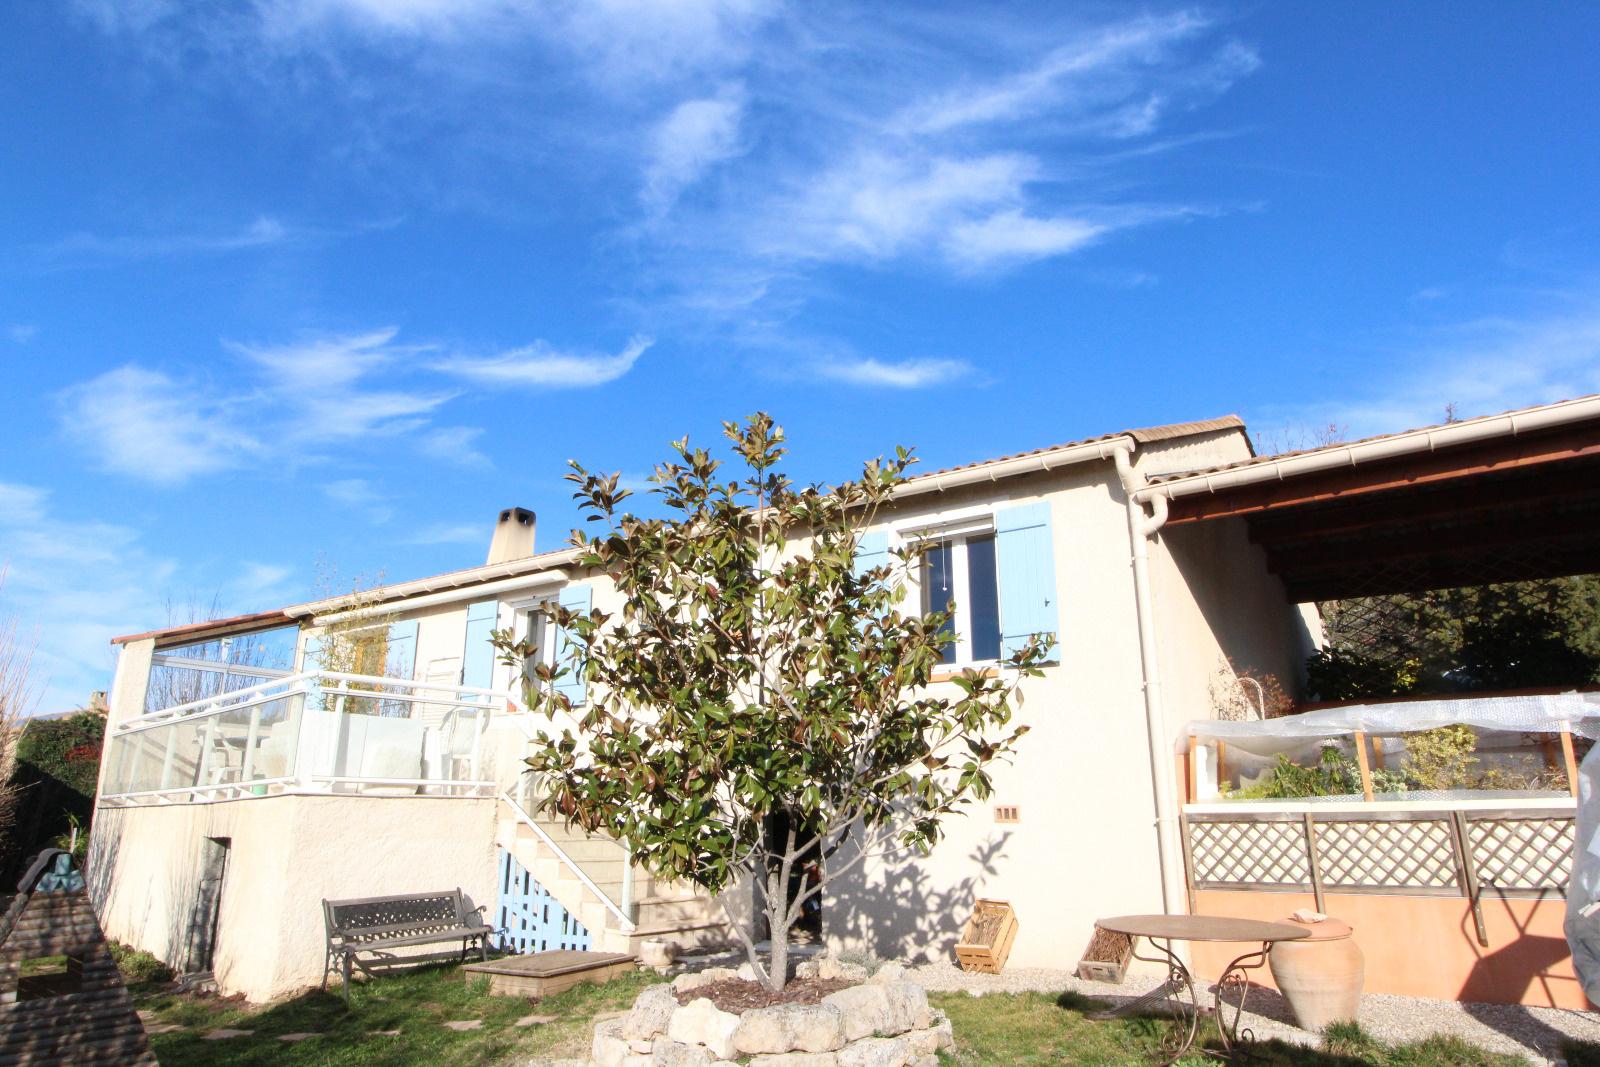 Vente maison/villa 4 pièces reillanne 04110